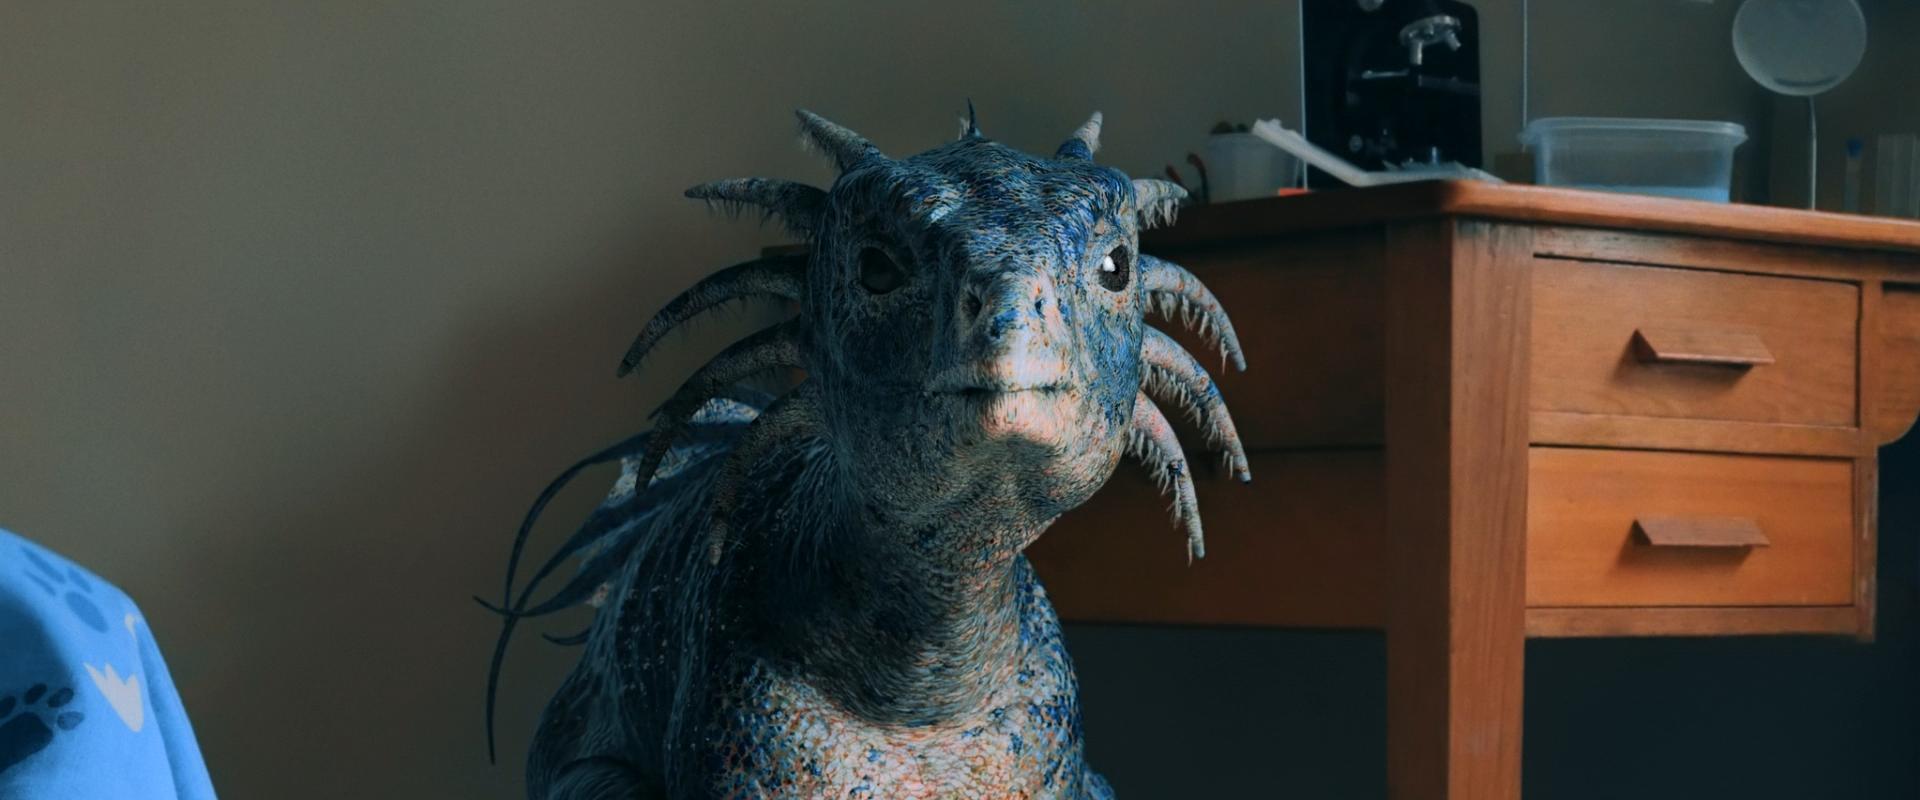 Мой любимый динозавр / My Pet Dinosaur (2017) BDRip 1080p